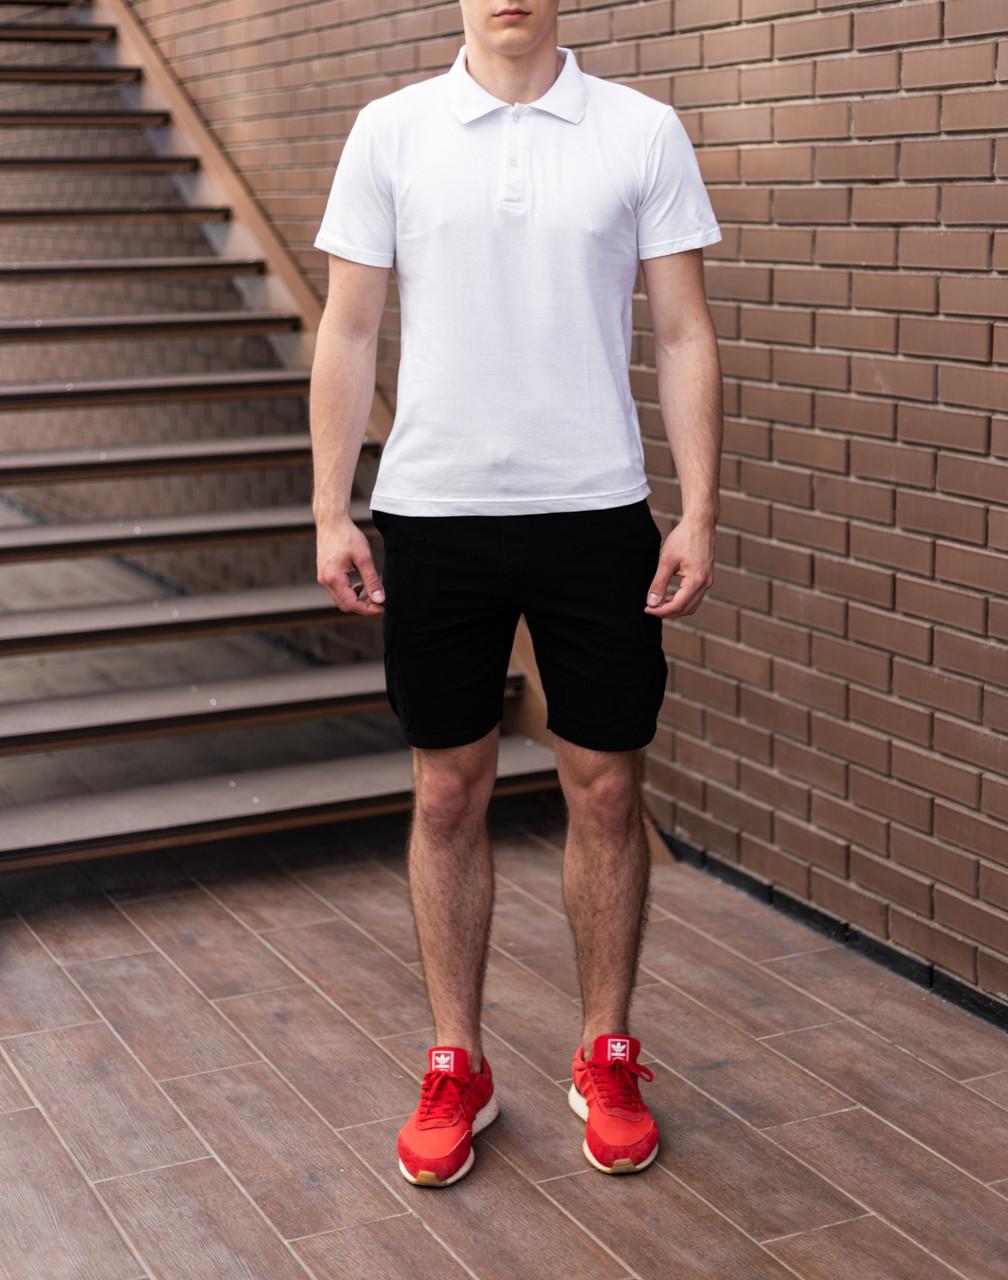 Мужской летний комплект белое поло и чёрные шорты с карманами на липучках